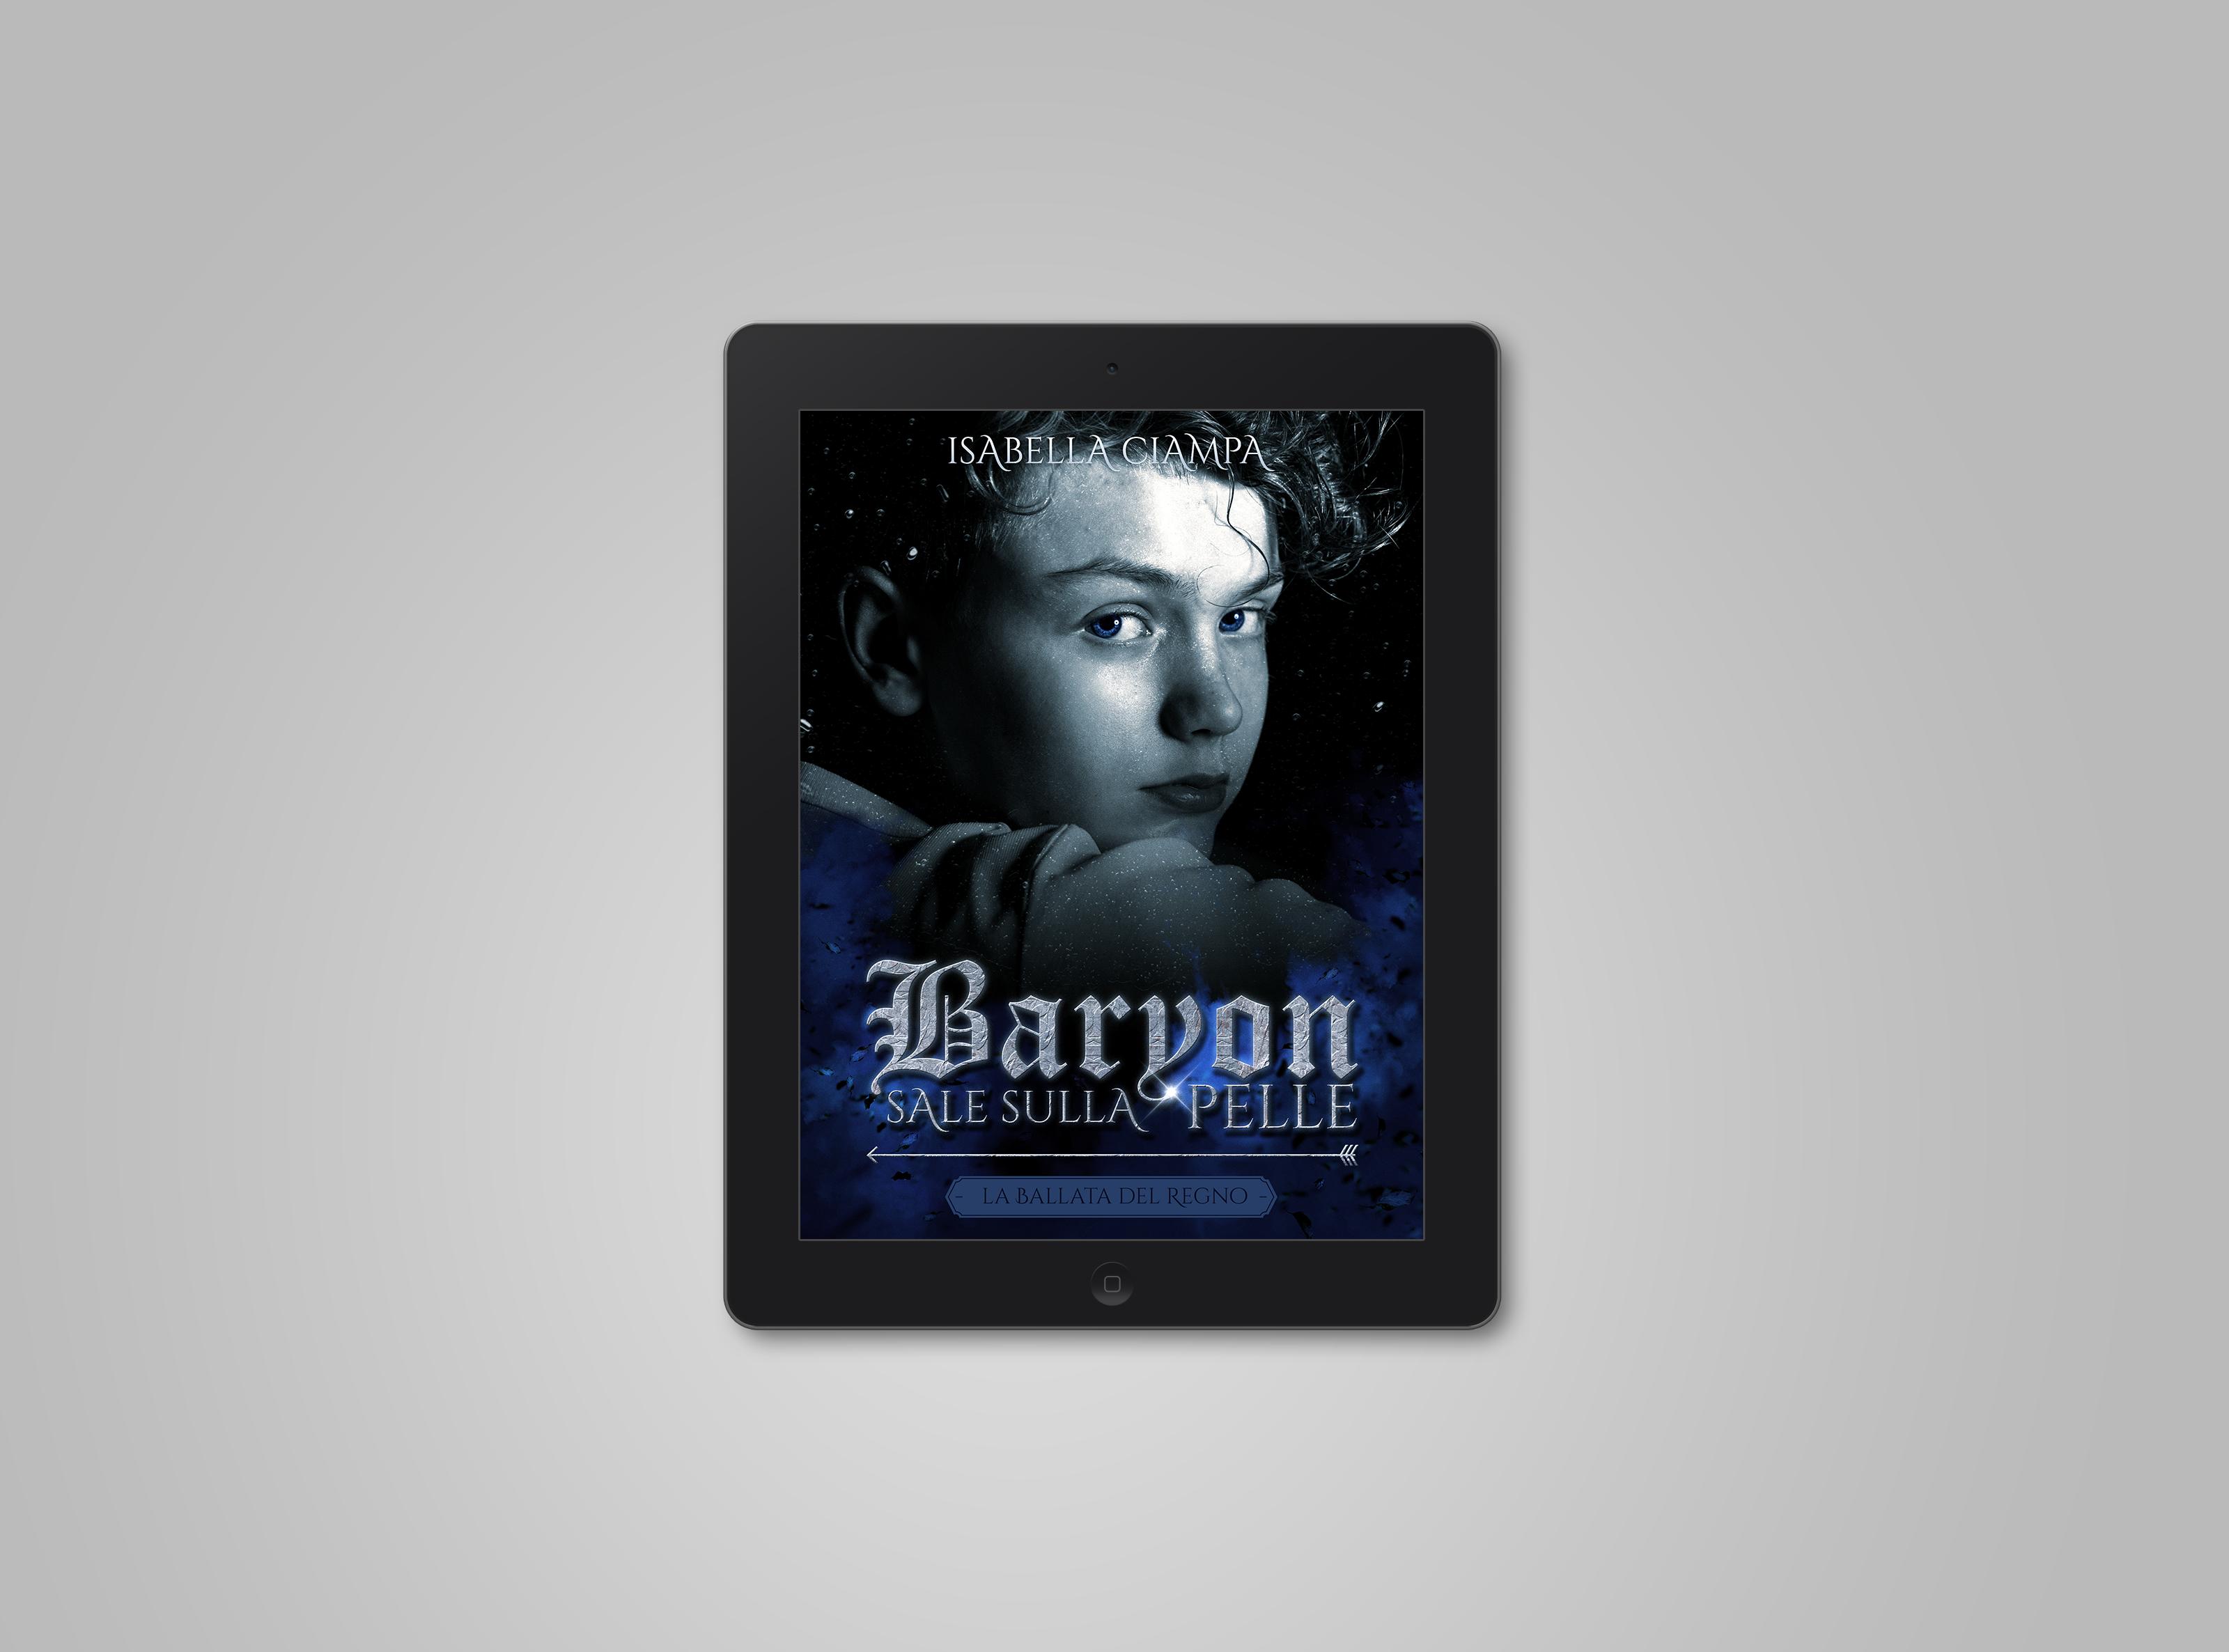 Baryon Sale sulla Pelle di Isabella Ciampa